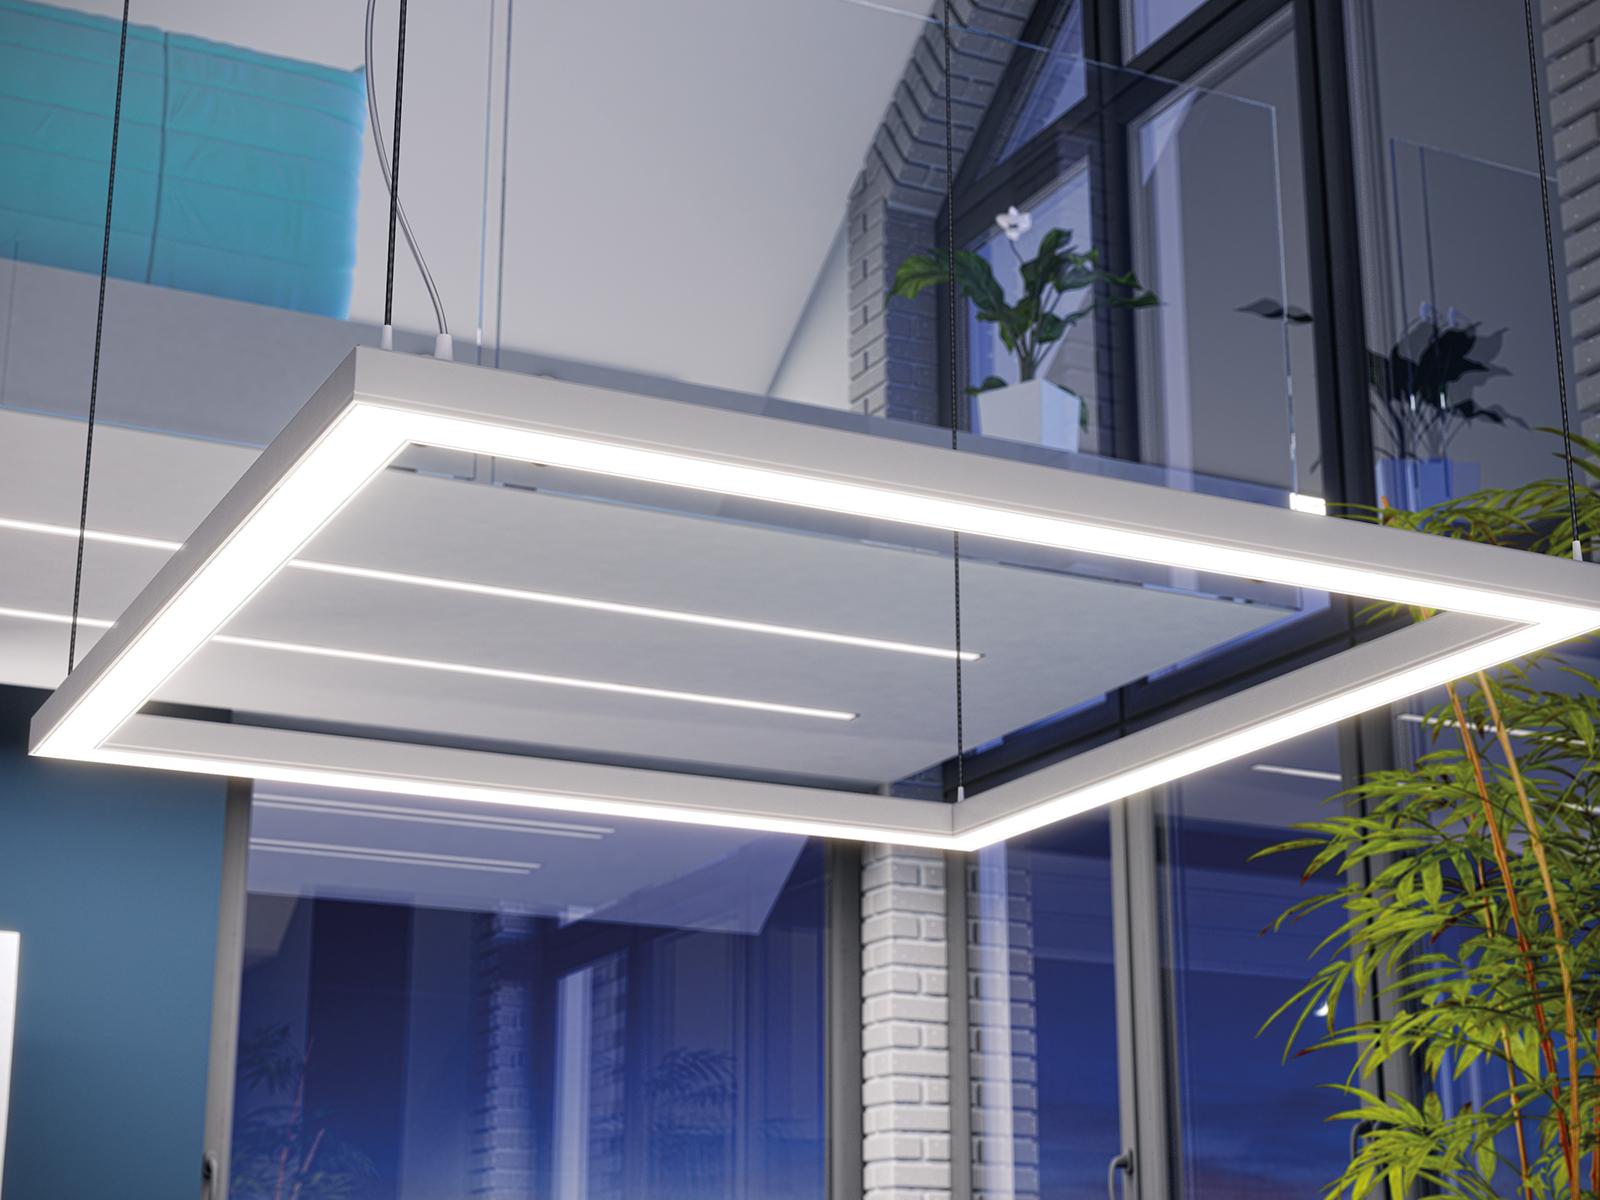 Lumines Iledo LED aluprofil négyzet alakban, függesztve szerelve